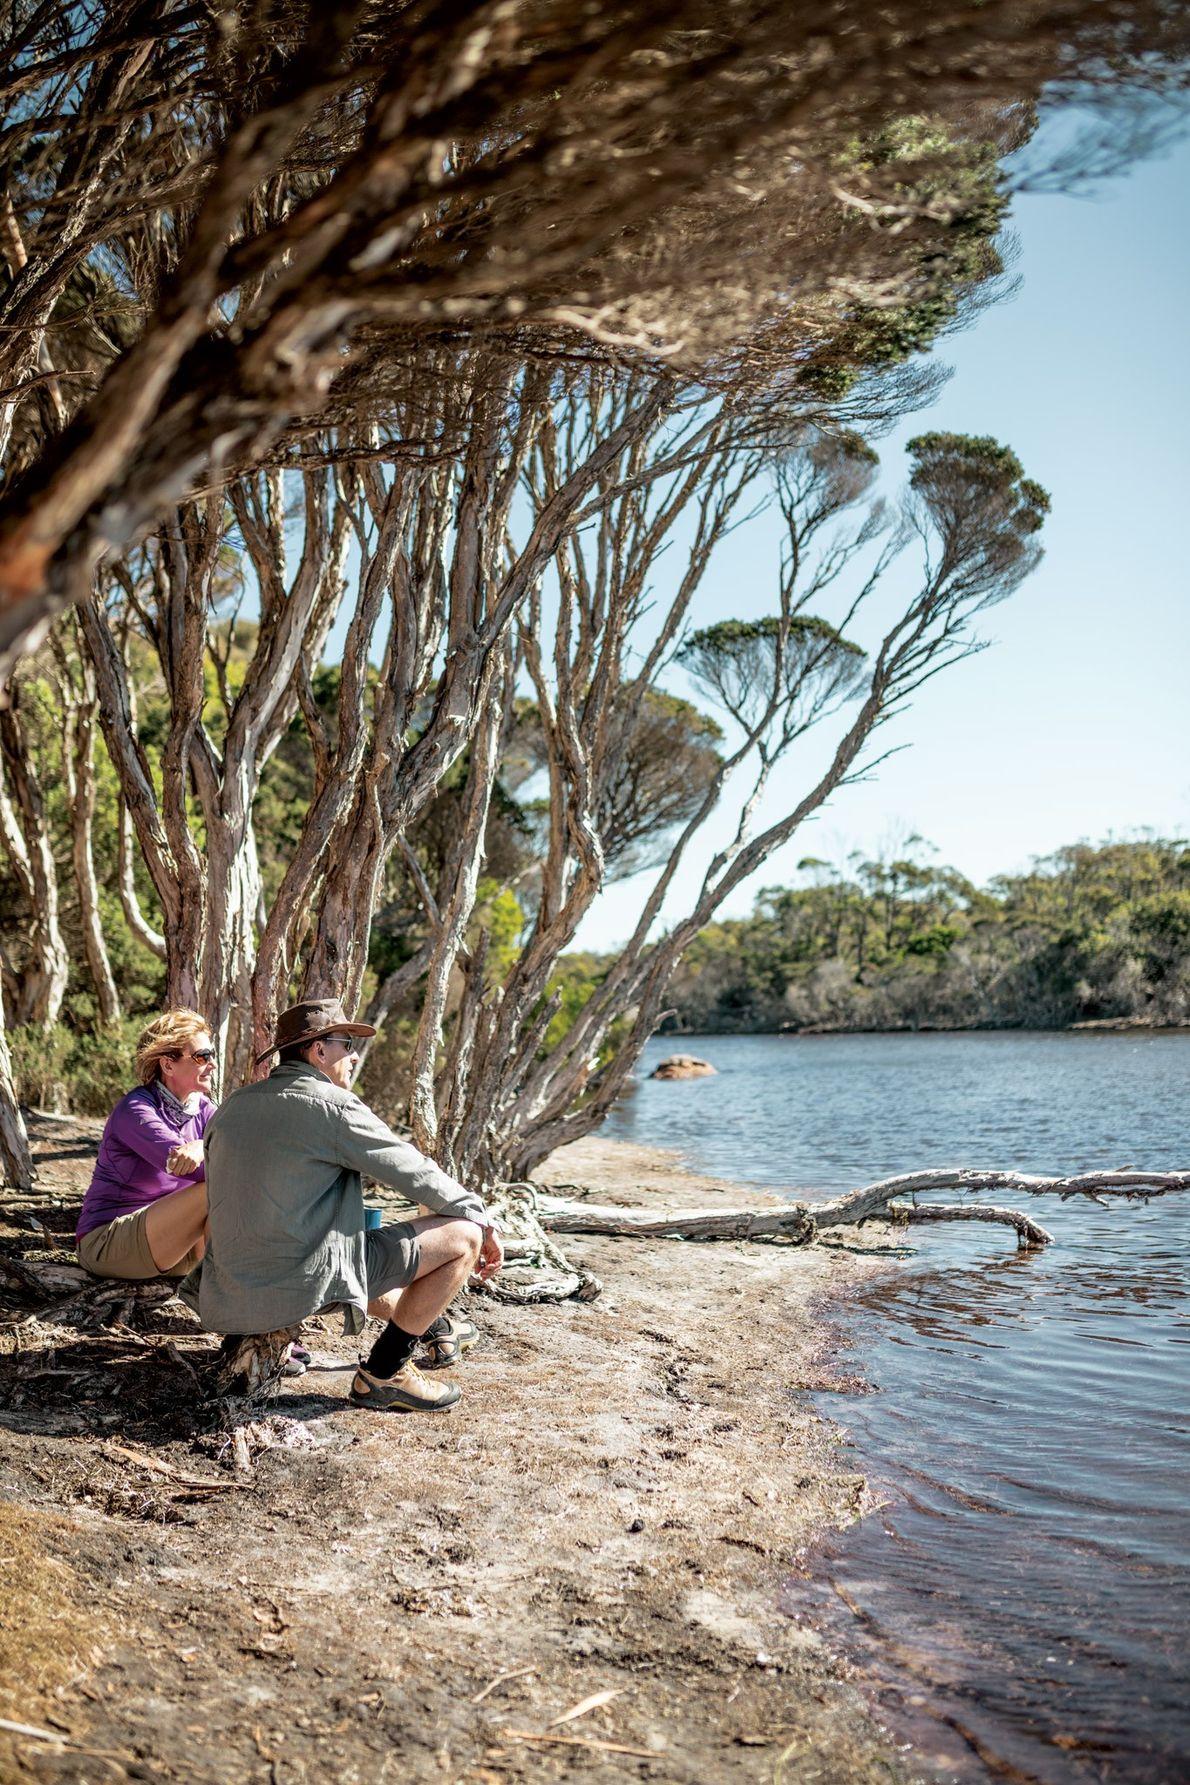 Os mais de 880 trilhos da Tasmânia atravessam todo o estado, levando os caminhantes a conhecer ...